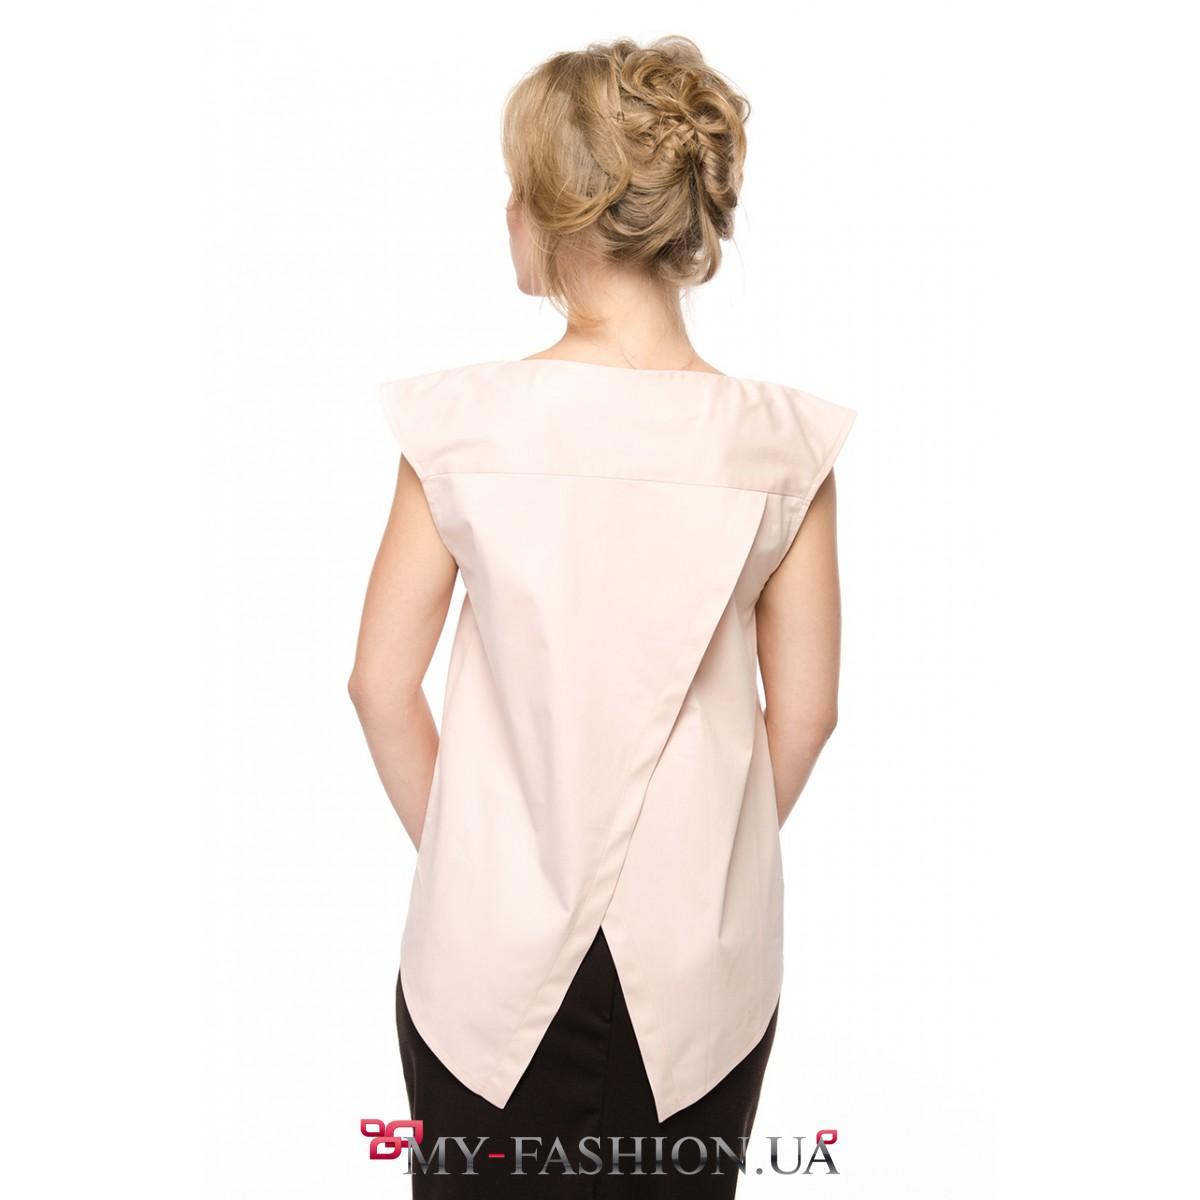 Купить блузки с кружевом